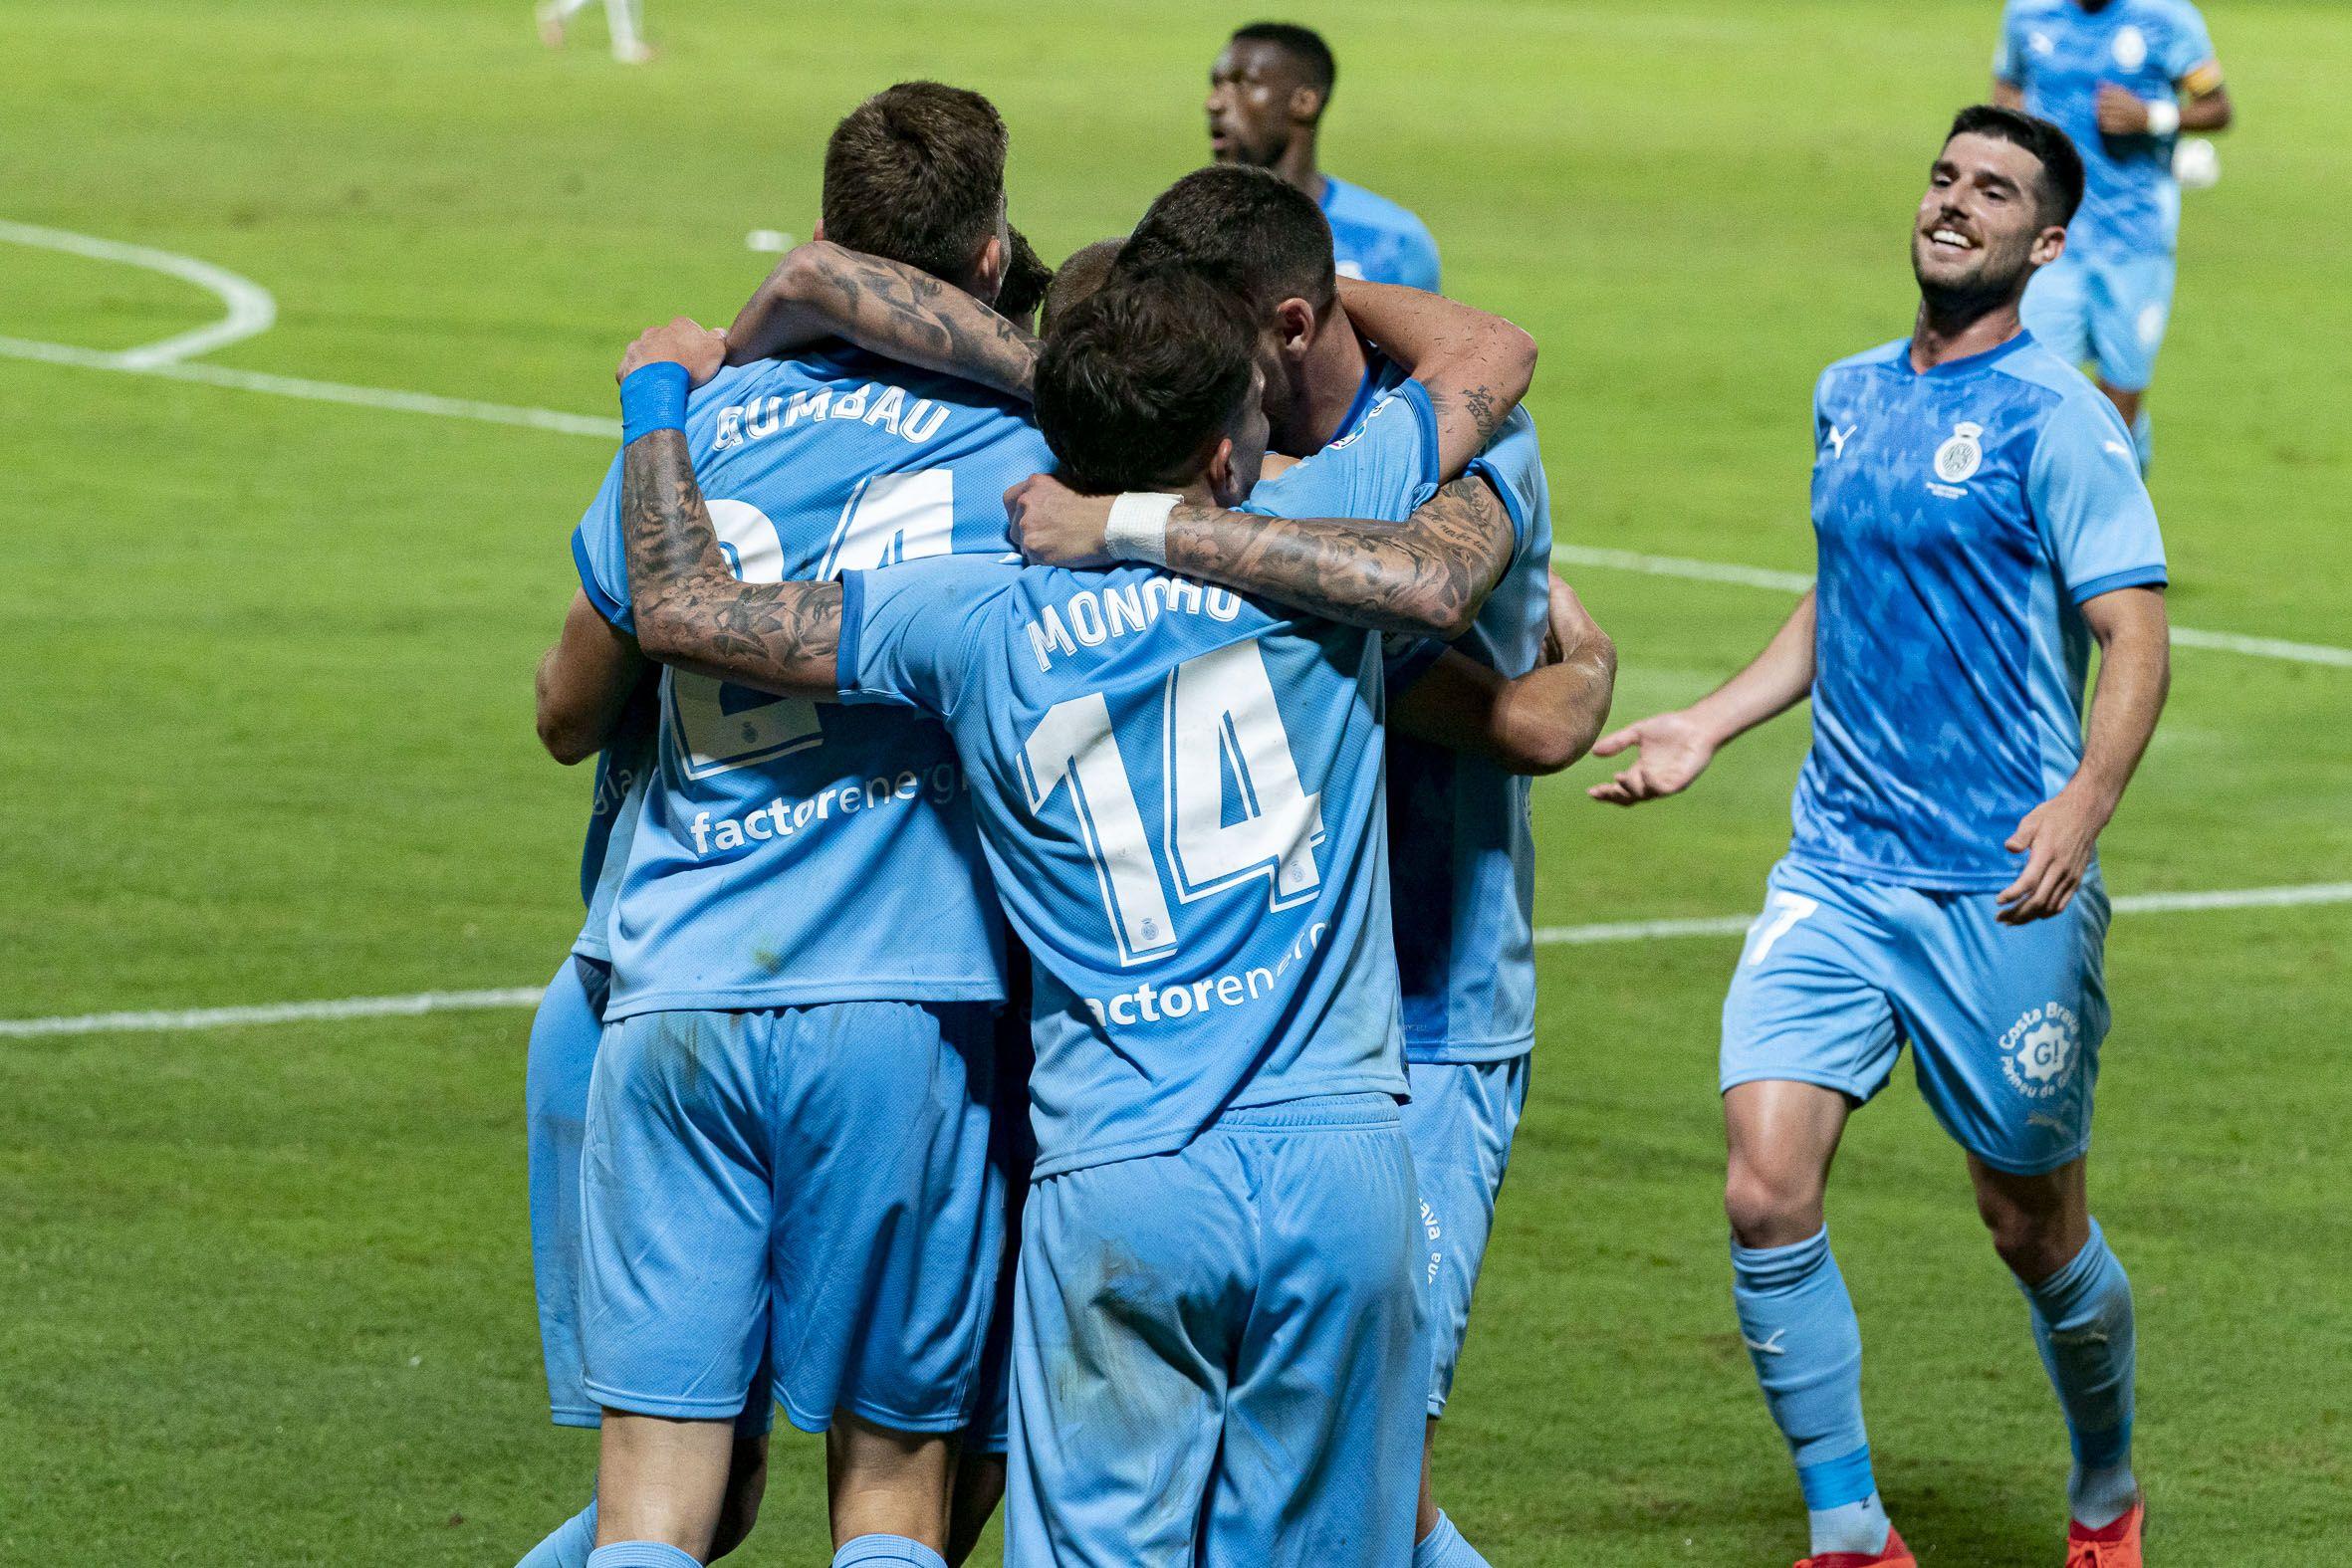 Els jugadors del Girona celebren el gol de Franquesa. | LaLiga